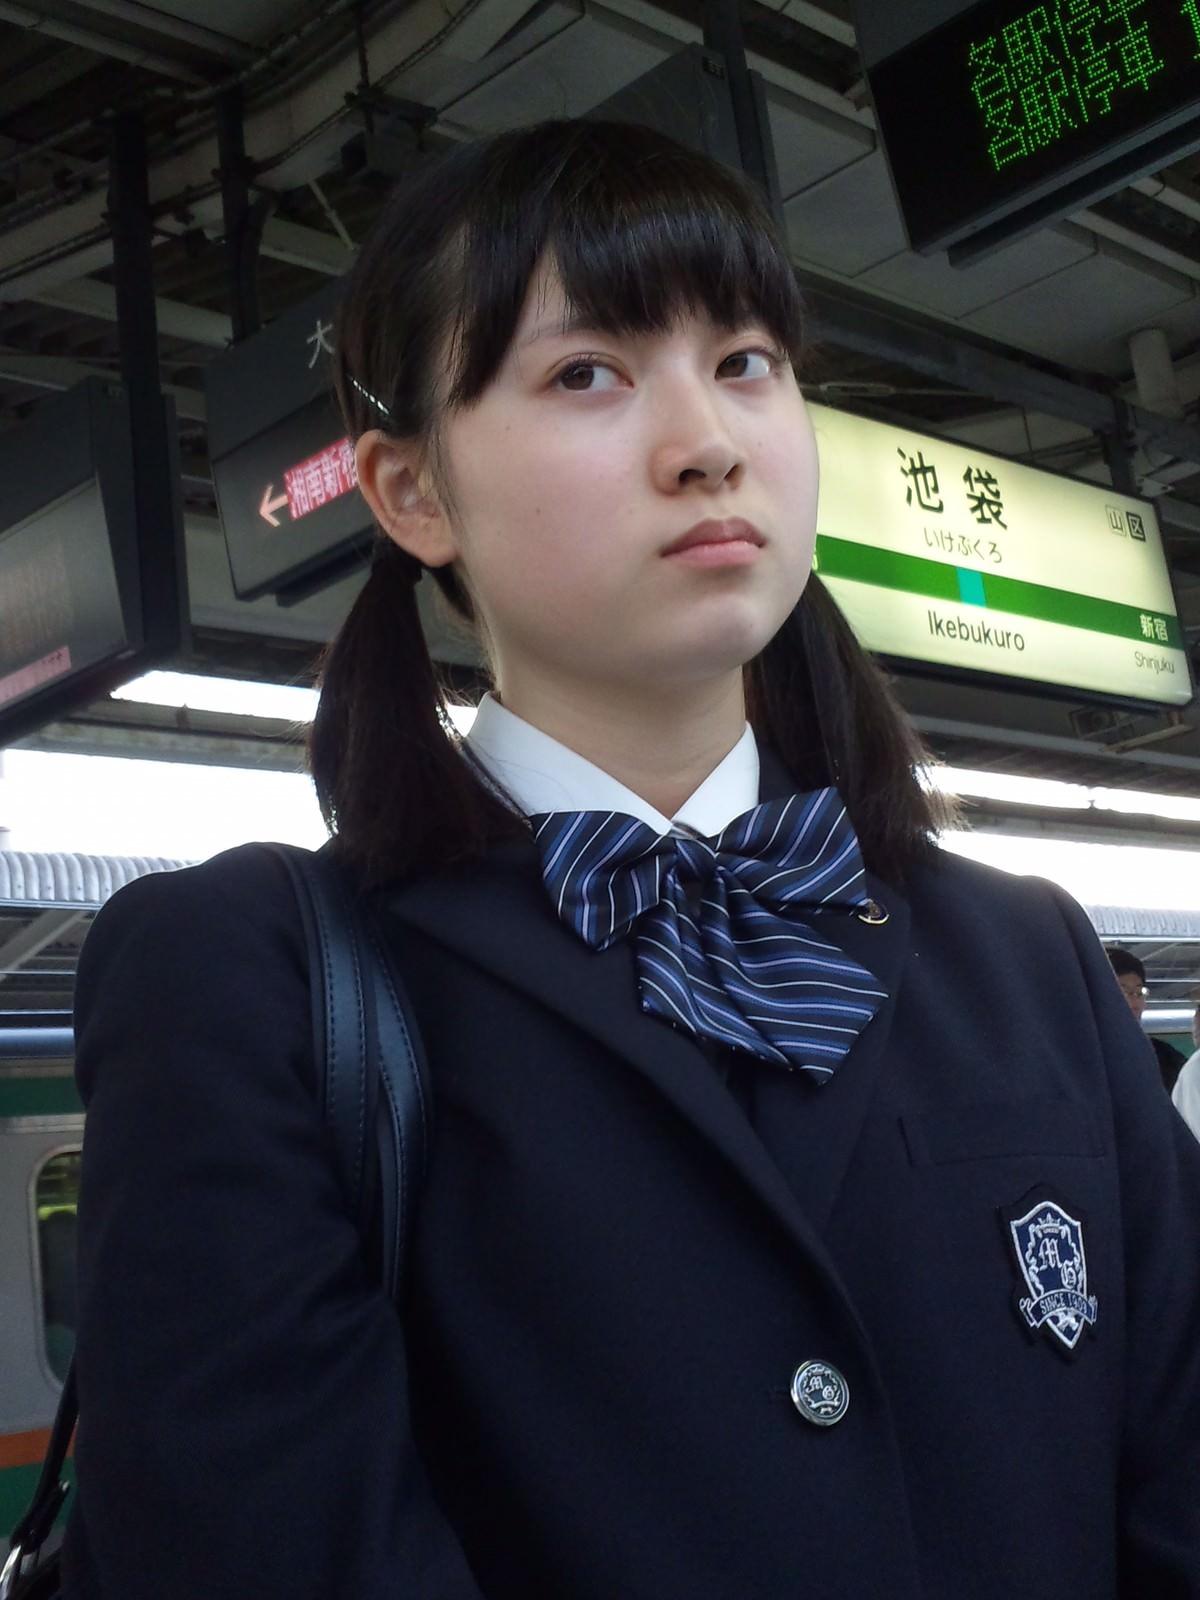 電車にエチエチな制服JKいるけどハレンチすぎない?????? zuOKtjK